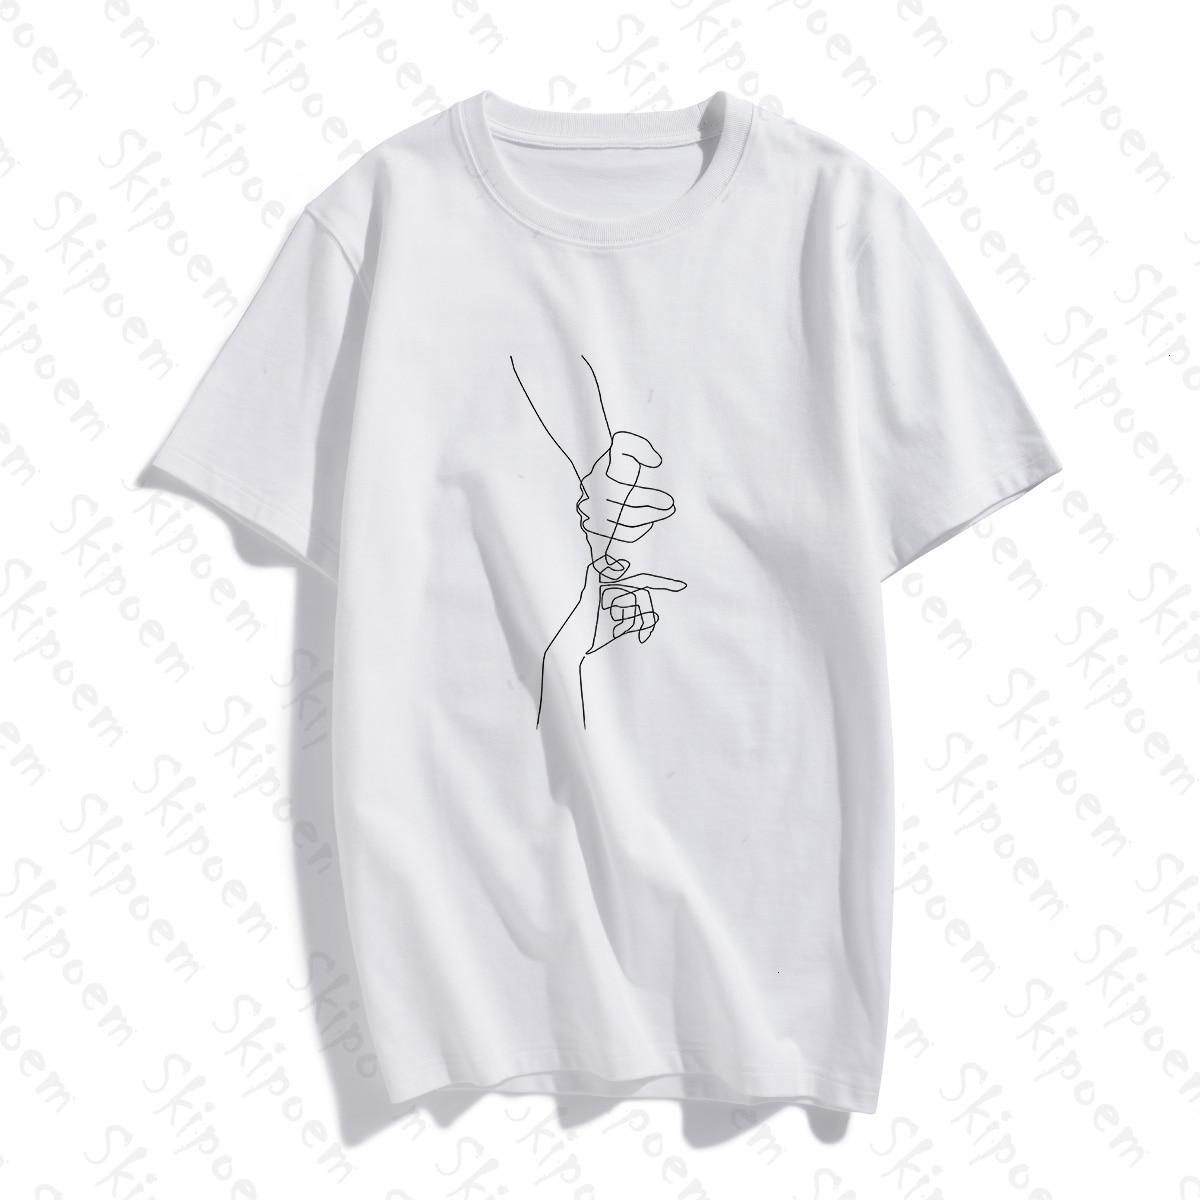 Arte De Línea minimalista, camiseta para mujer, camiseta Punk Vintage de algodón de manga corta de estilo coreano, camiseta de talla grande para mujer Sandalias Vintage de cuero auténtico para mujer, chanclas de verano, zapatos informales de talla grande 35-42, zapatos planos para mujer, Sandalias Retro para playa